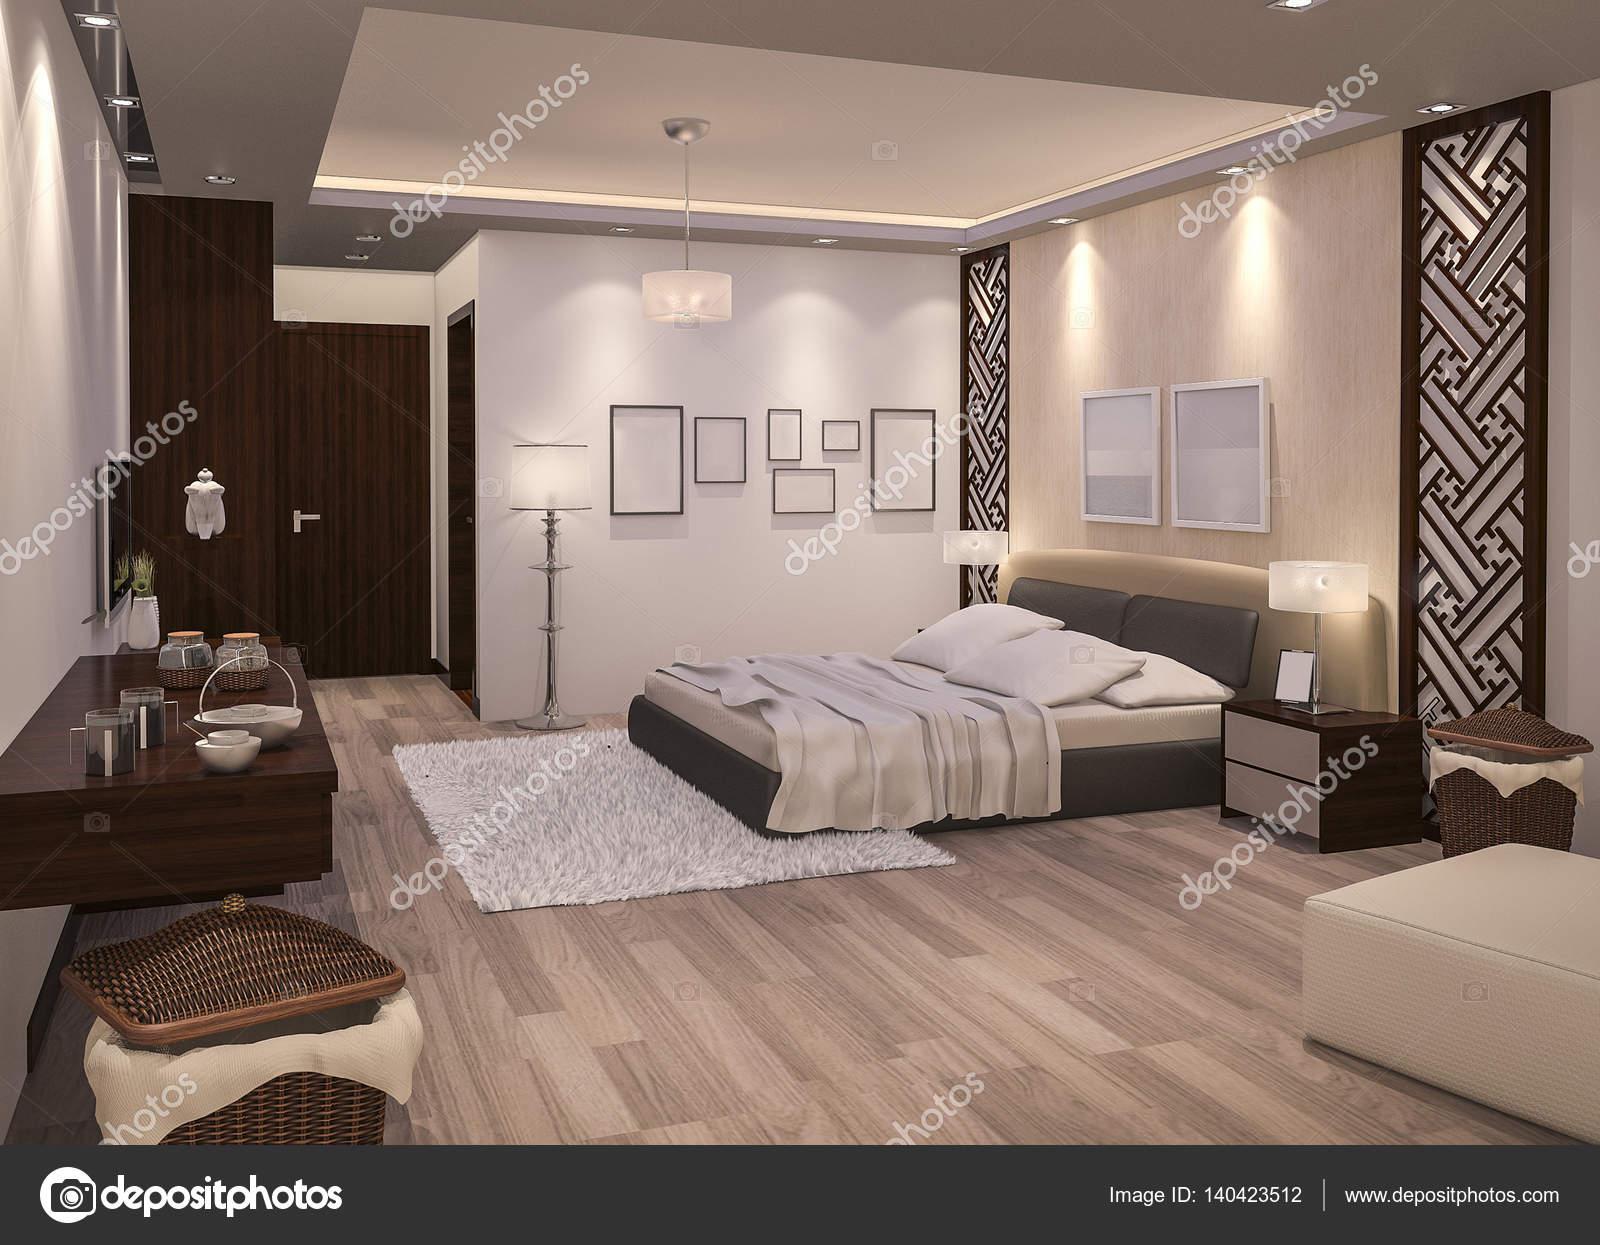 camera da letto notte di rendering 3D con pavimento in parquet ...